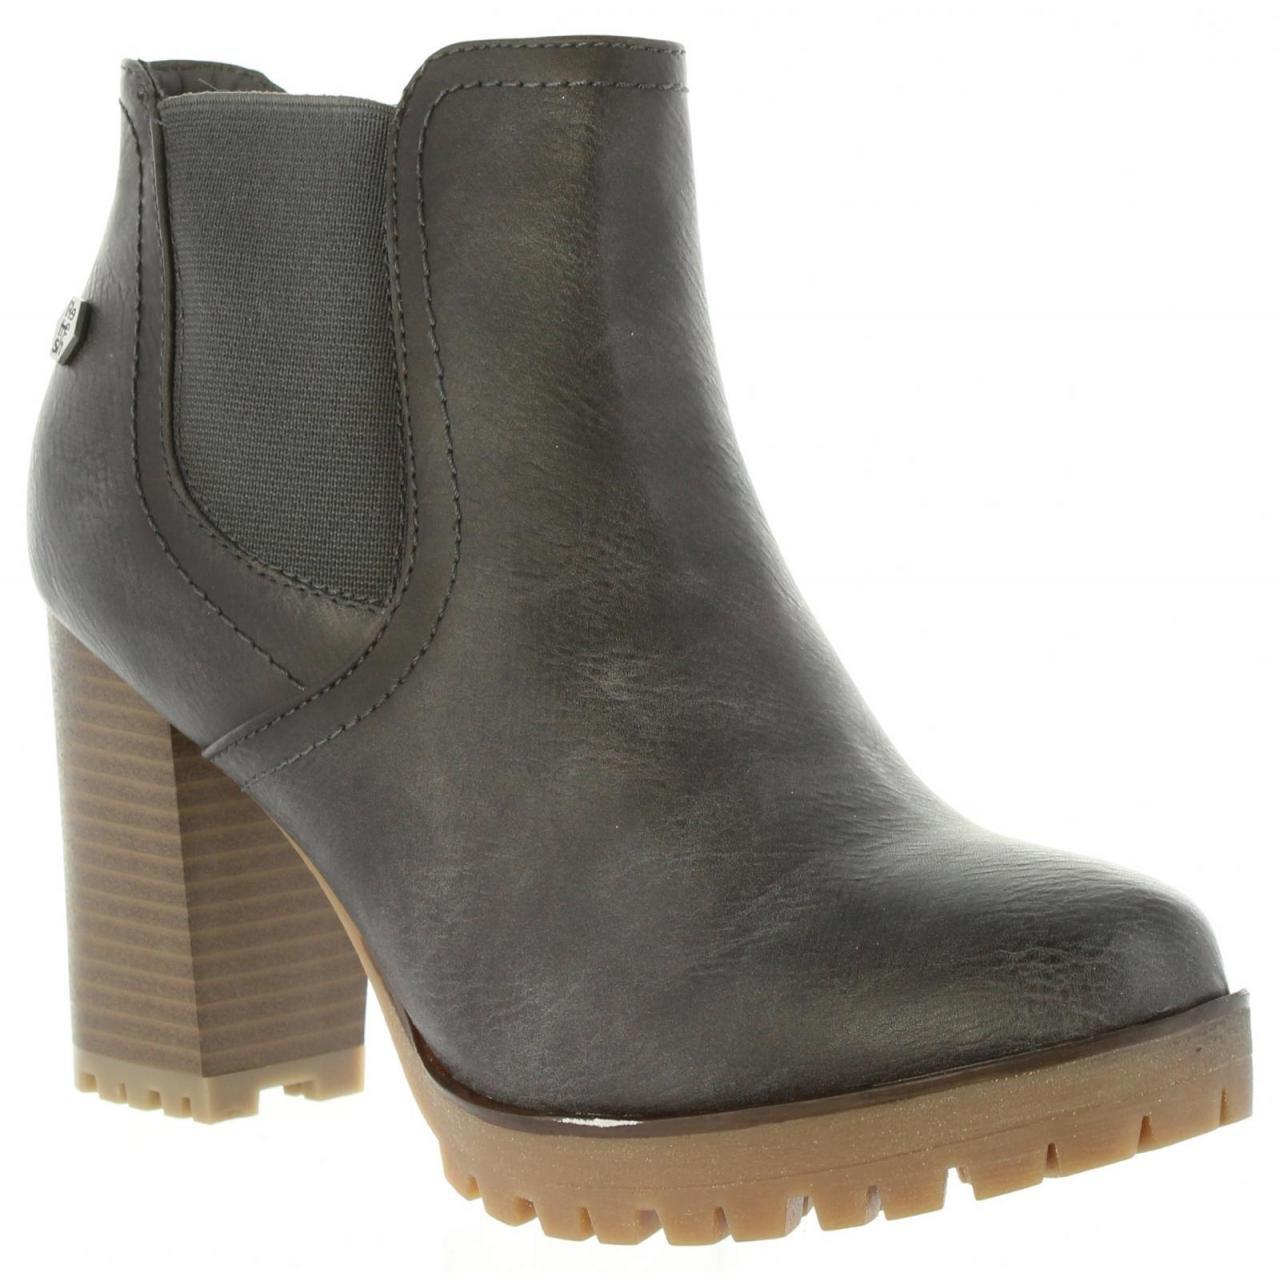 Refresh Stiefel für Damen 63928 C GRIS GRIS GRIS - 1c80b5